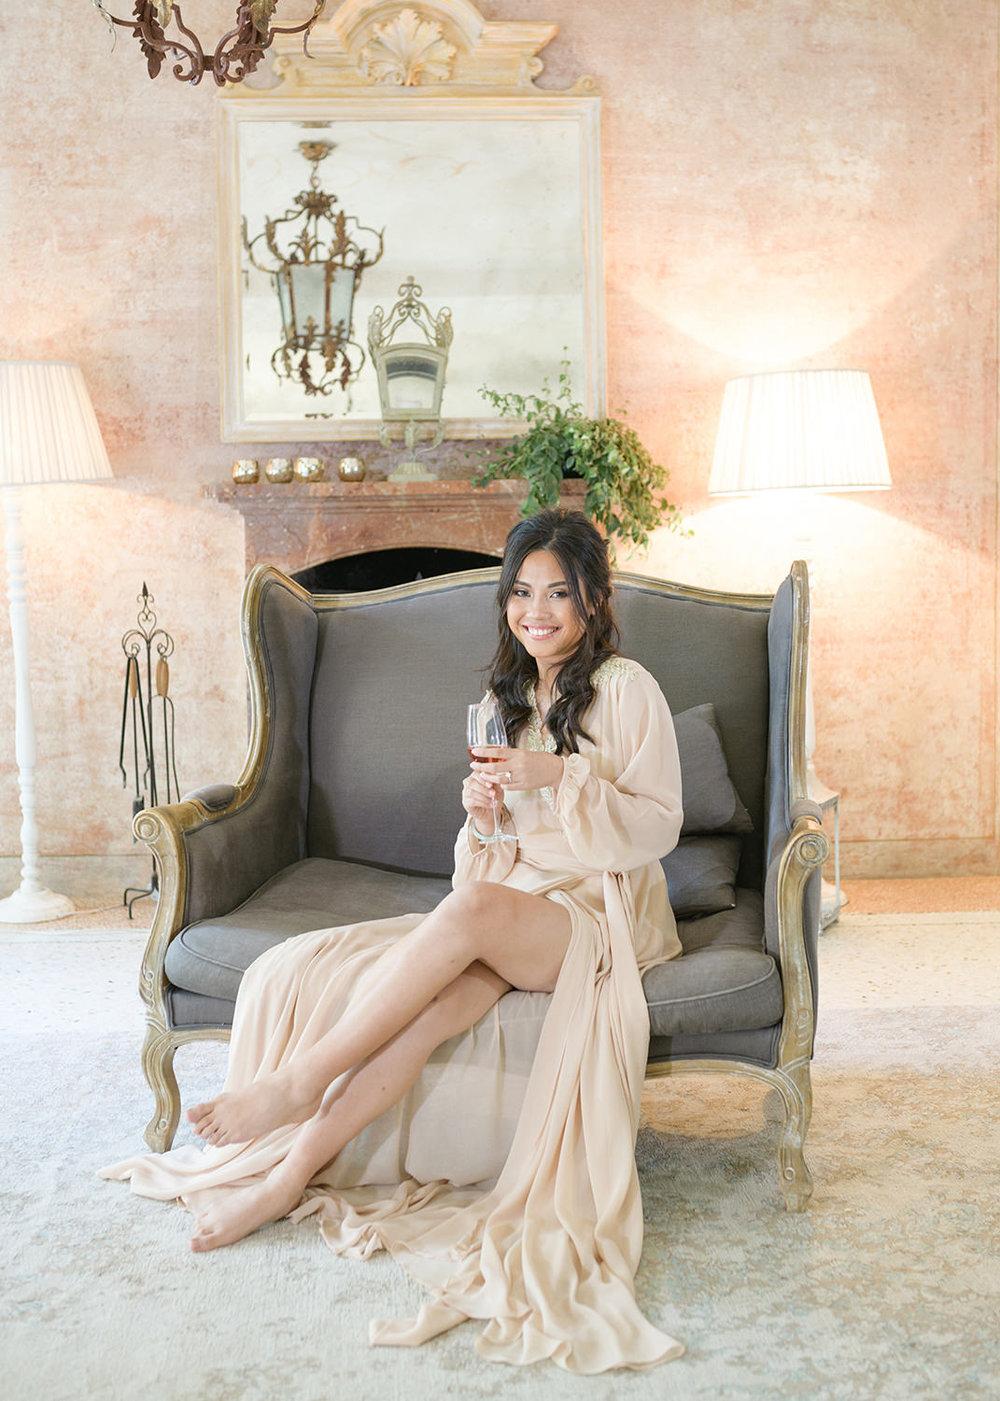 villa-regina-teodolinda-wedding-photographer-C&B-©bottega53-37.JPG